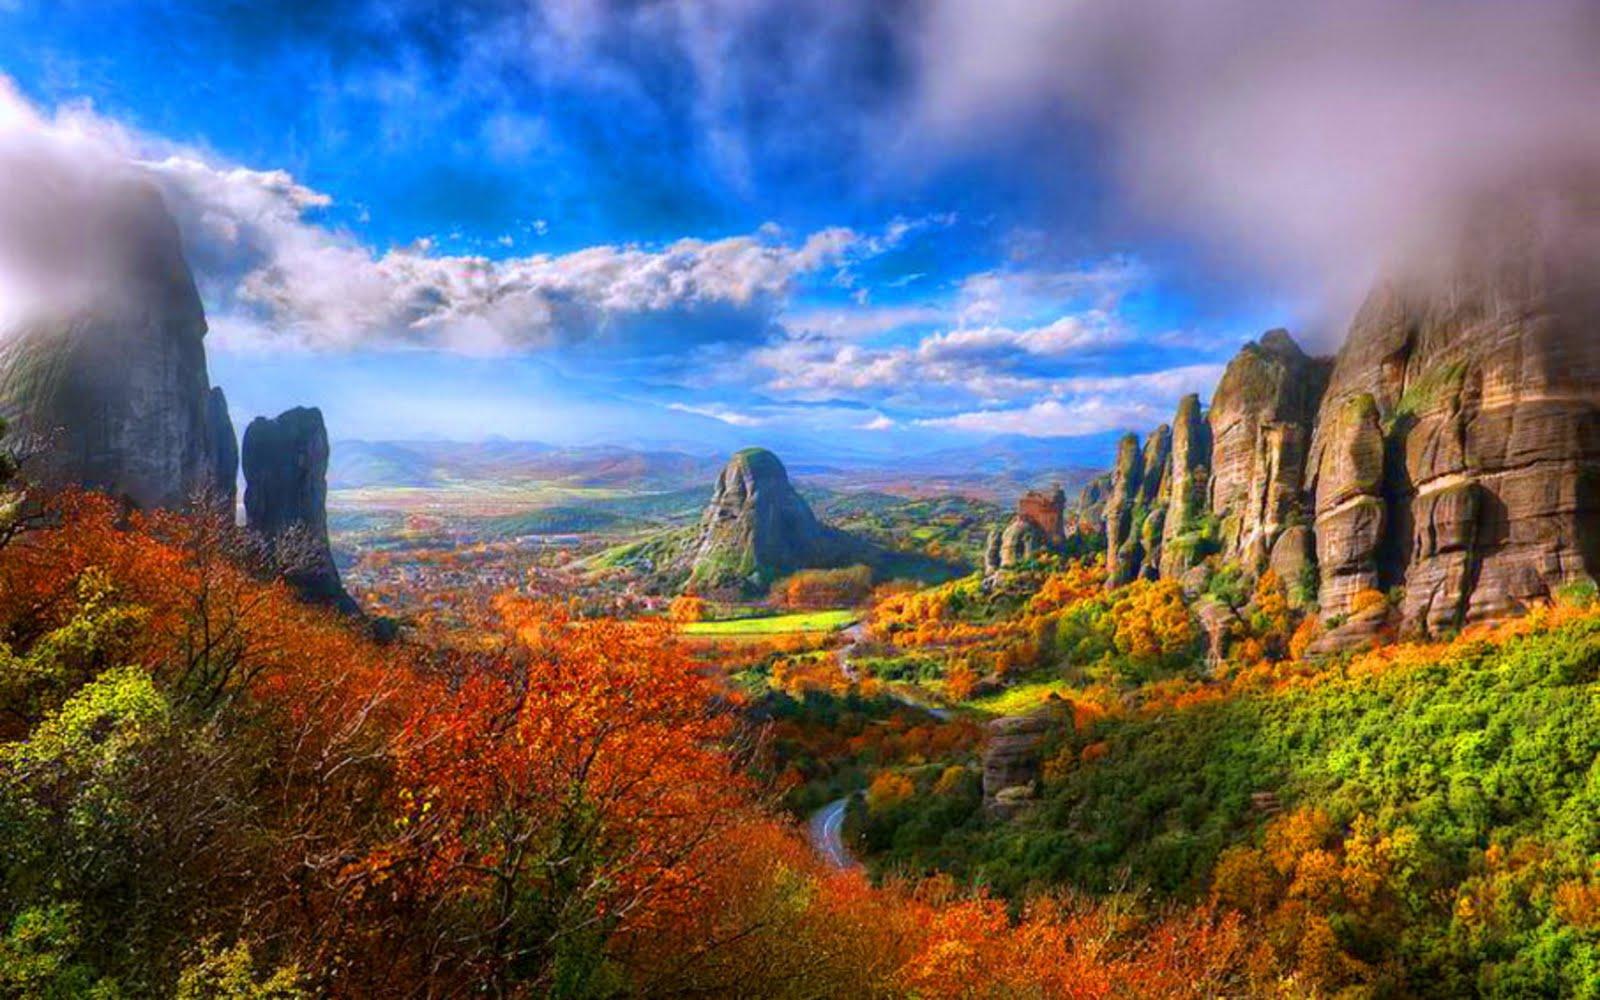 Autumn Colors Hd Desktop Wallpaper 1600x1000